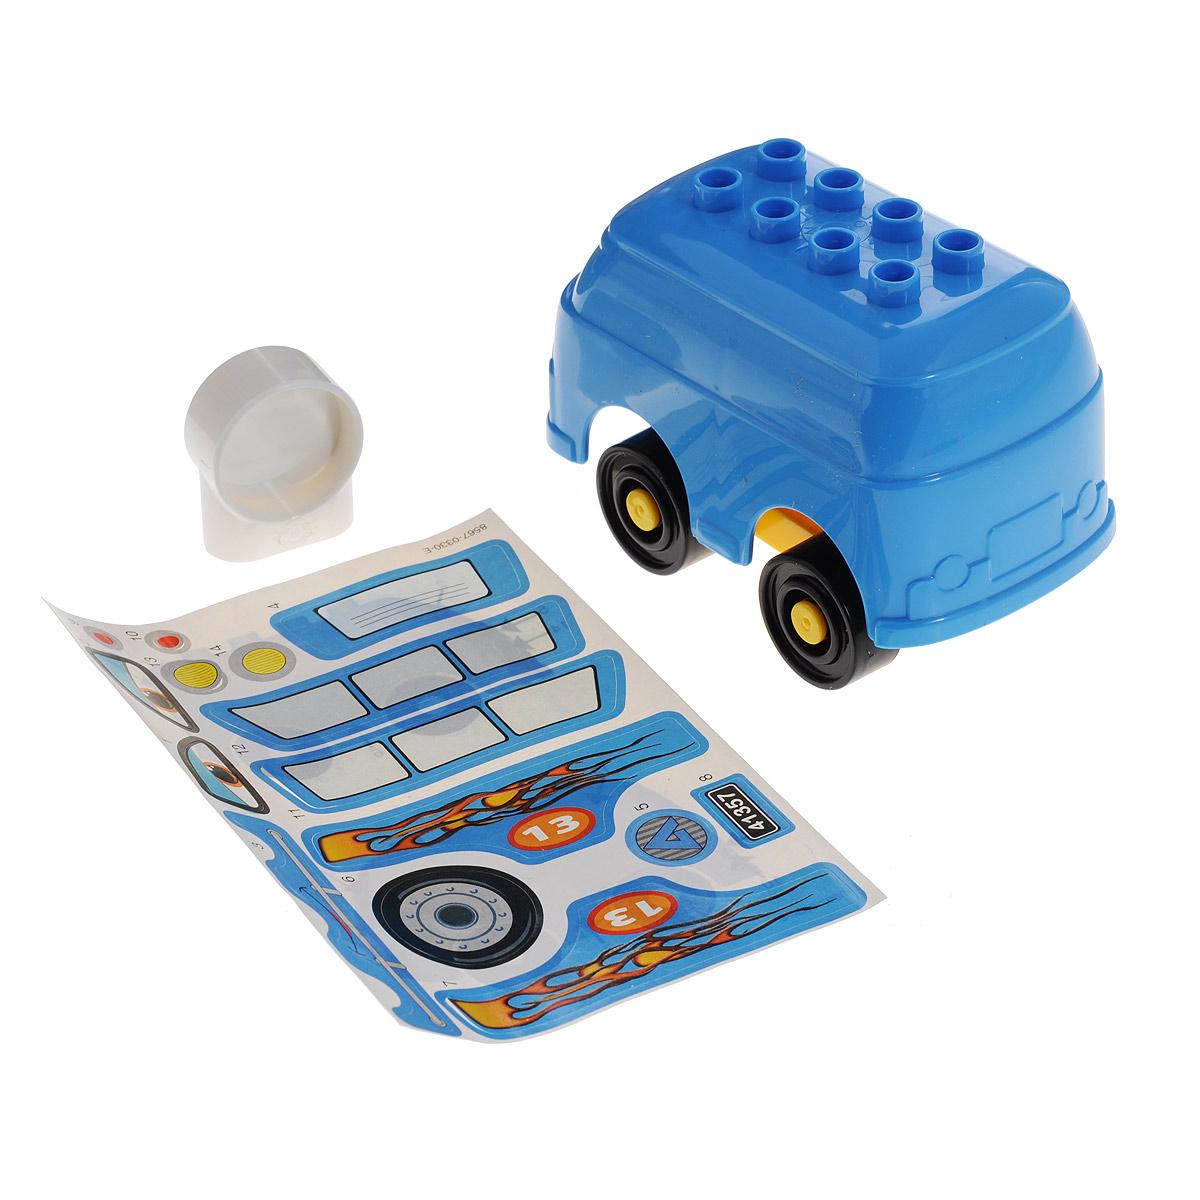 Машинка-конструктор Androni Giocattoli, цвет голубой, 4 элемента. 8567-00001109186/8567_голубойМашинка Androni Giocattoli предназначена для самых юных конструкторов. Элементы, из которых собирается машинка, выполнены из высококачественного прочного пластика, стойкого к броскам и ударам. Они имеют безопасную закругленную форму, которая подойдет даже для маленьких ручек полуторагодовалого малыша. Конструктор - это один из самых увлекательнейших и веселых способов времяпрепровождения. В процессе игры с конструкторами дети приобретают и постигают такие необходимые навыки как познание, творчество, воображение.